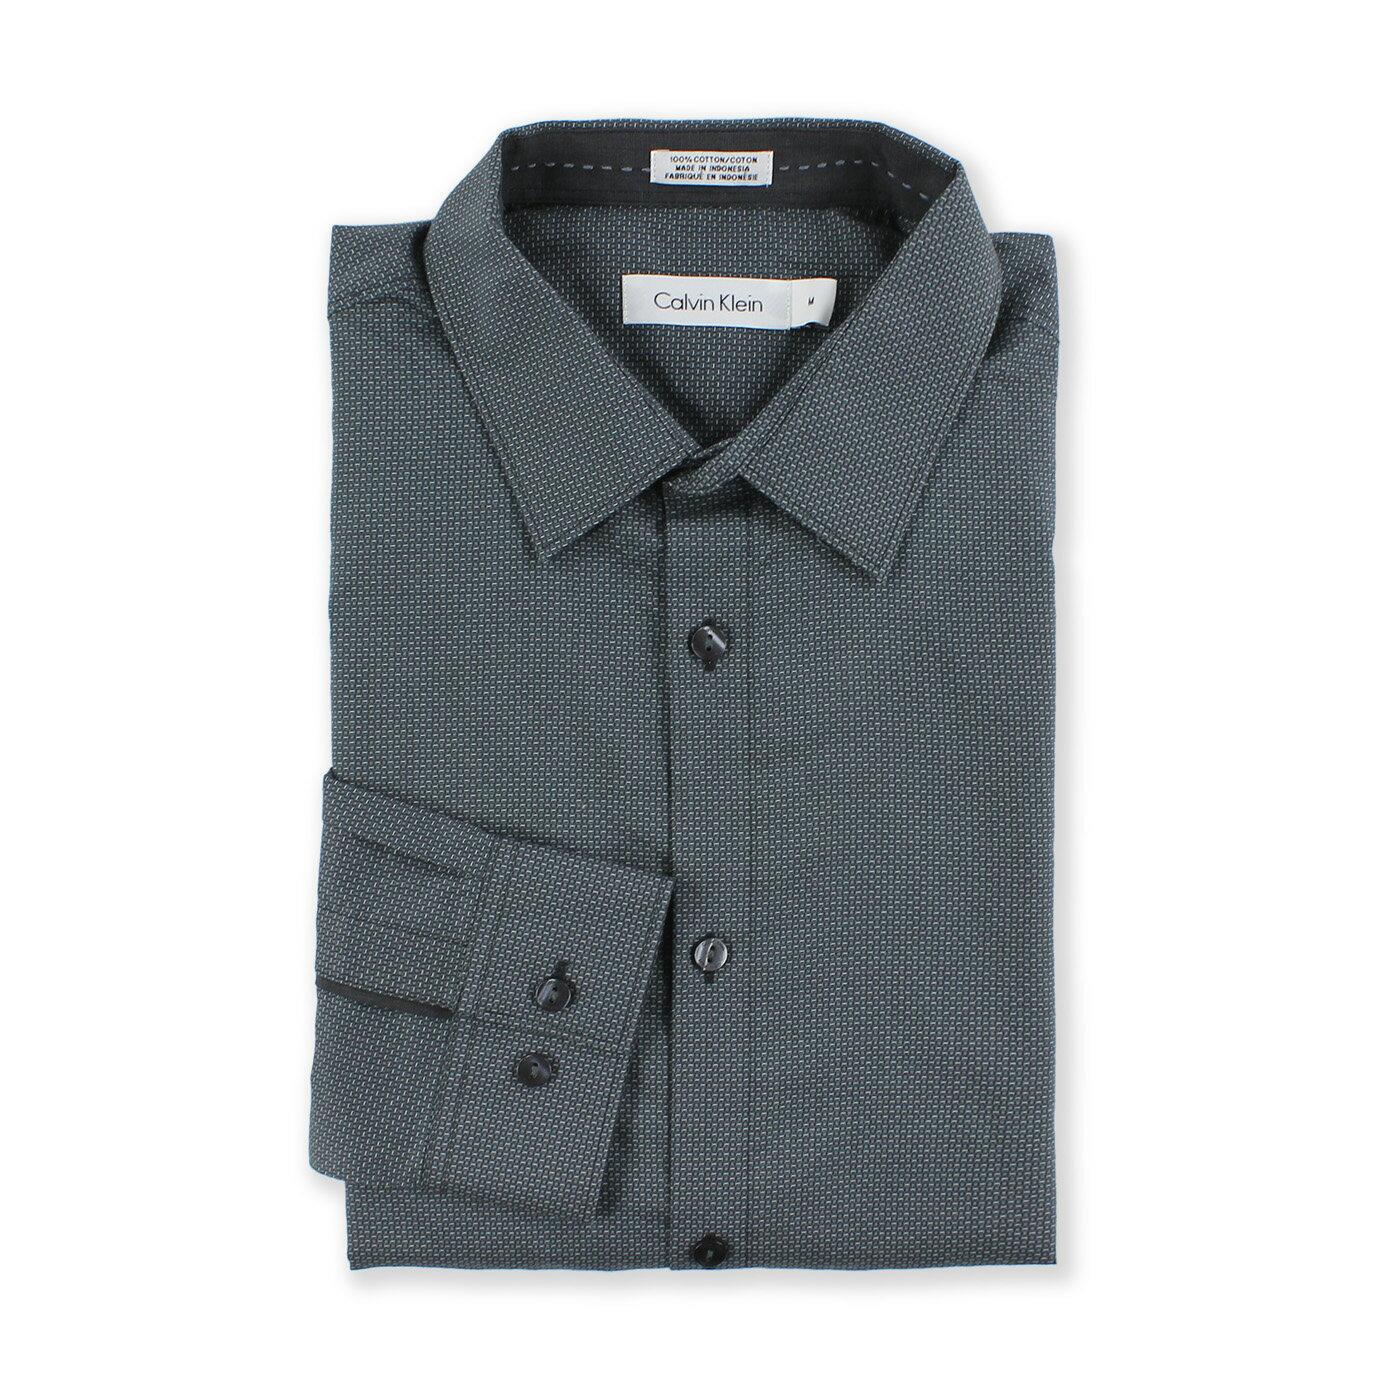 美國百分百【全新真品】Calvin Klein 襯衫 CK 上班 長袖 上衣 休閒 純棉 印花 深灰 M號 G084